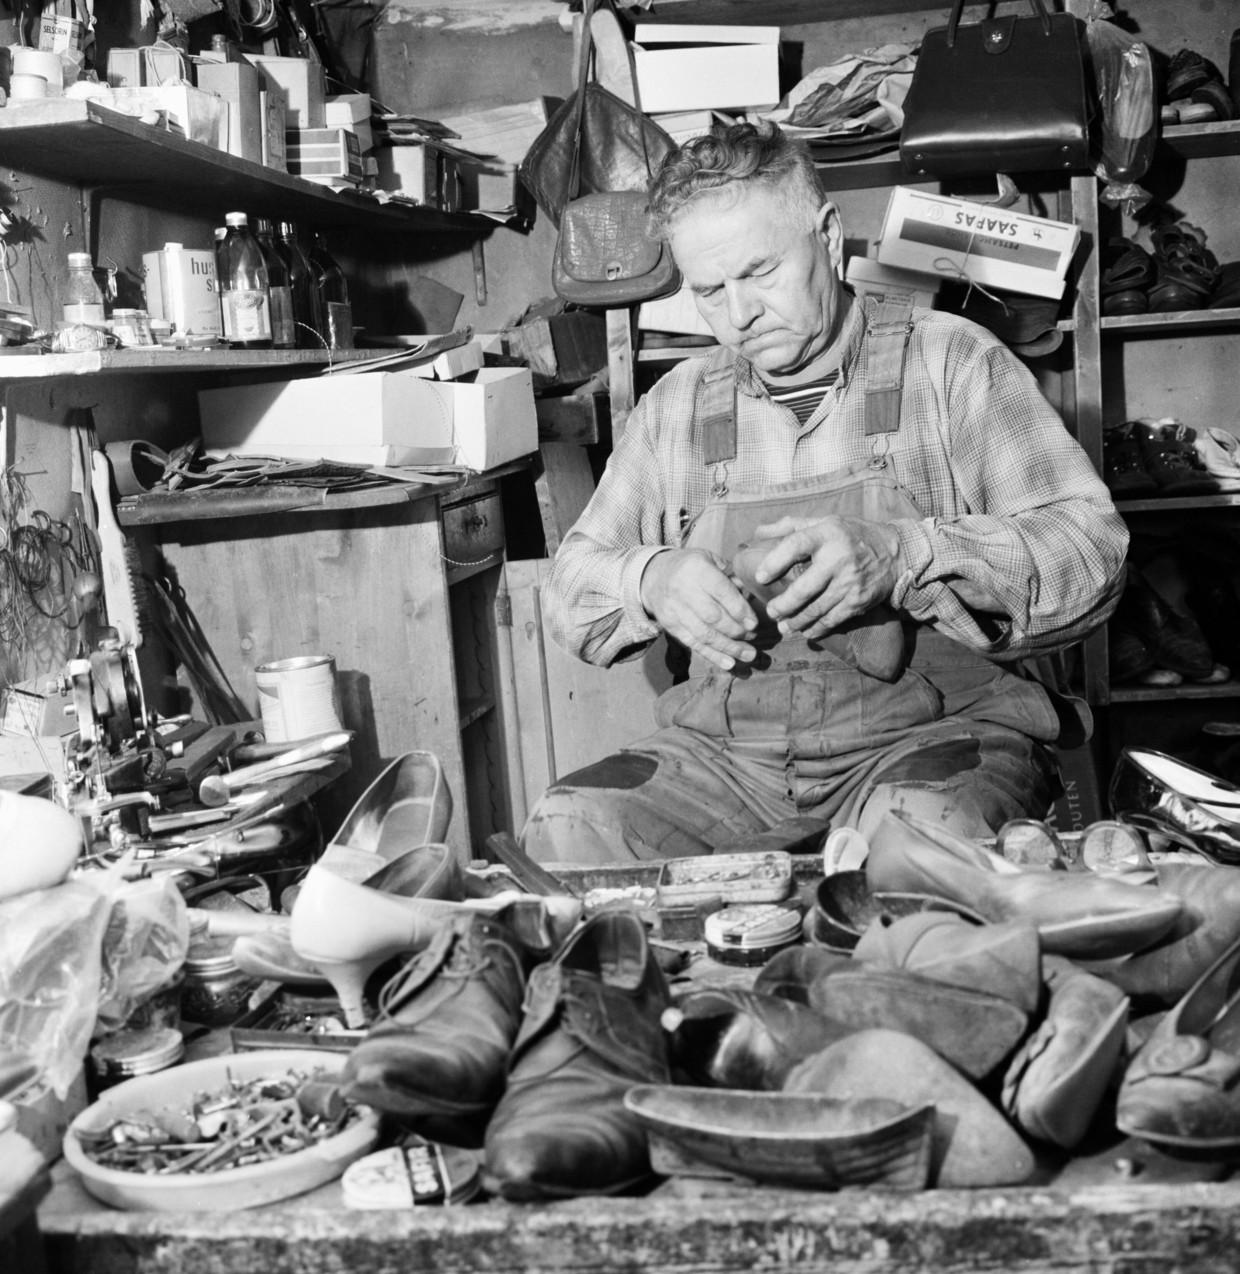 Een schoenmaker aan het werk in zij huisatelier.'Vóór de industriële revolutie liepen werk en privé bij veel gezinnen al compleet in elkaar over.'  Beeld © www.geographyphotos.com/Public